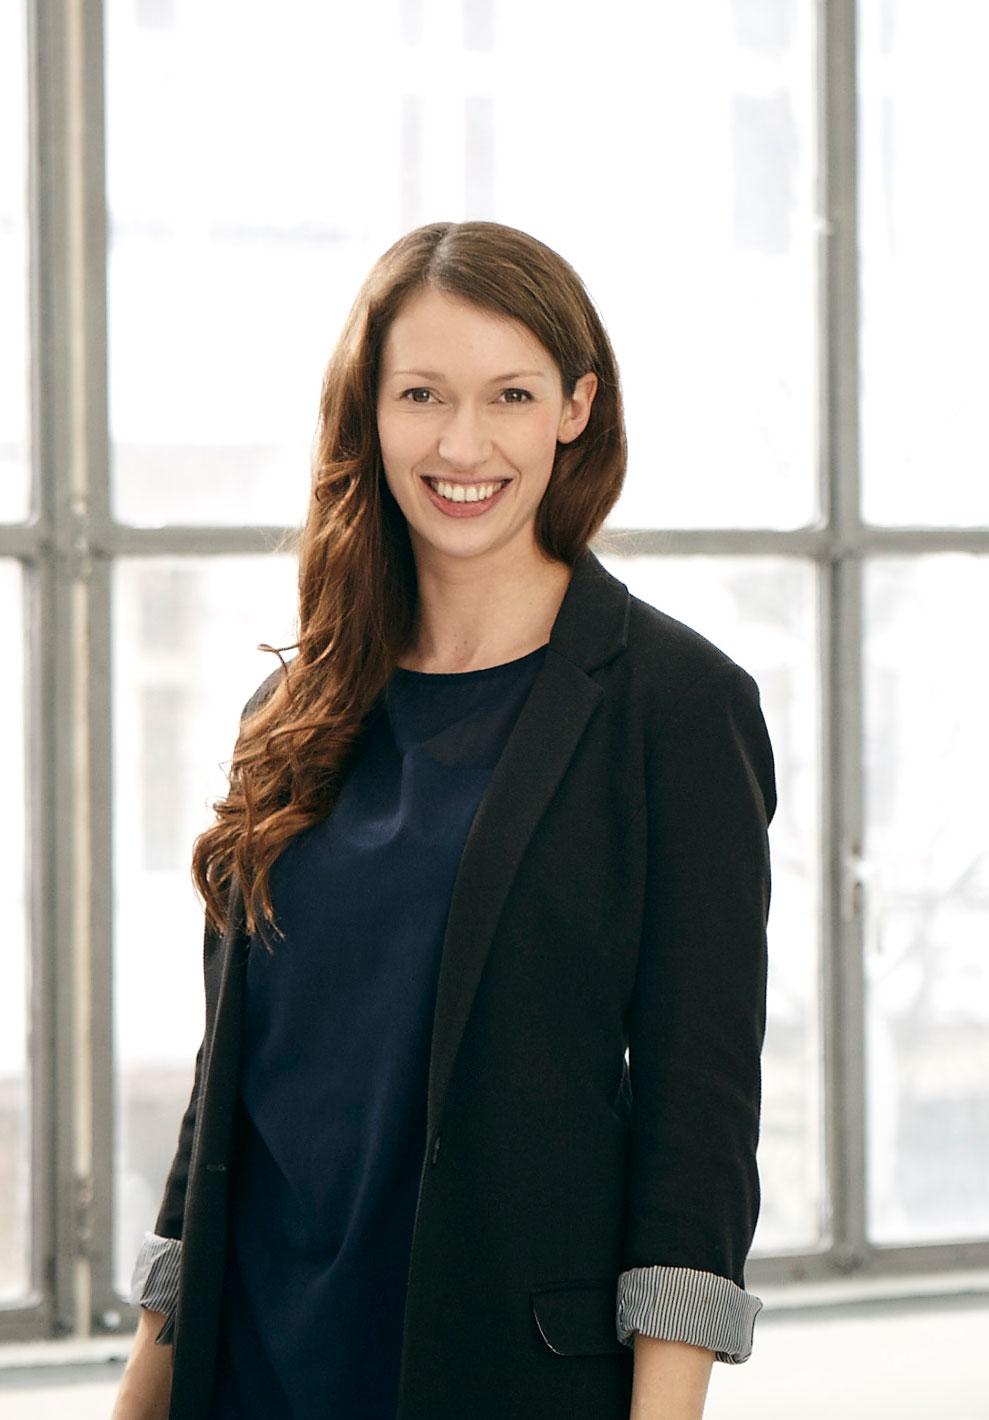 Eva Arning